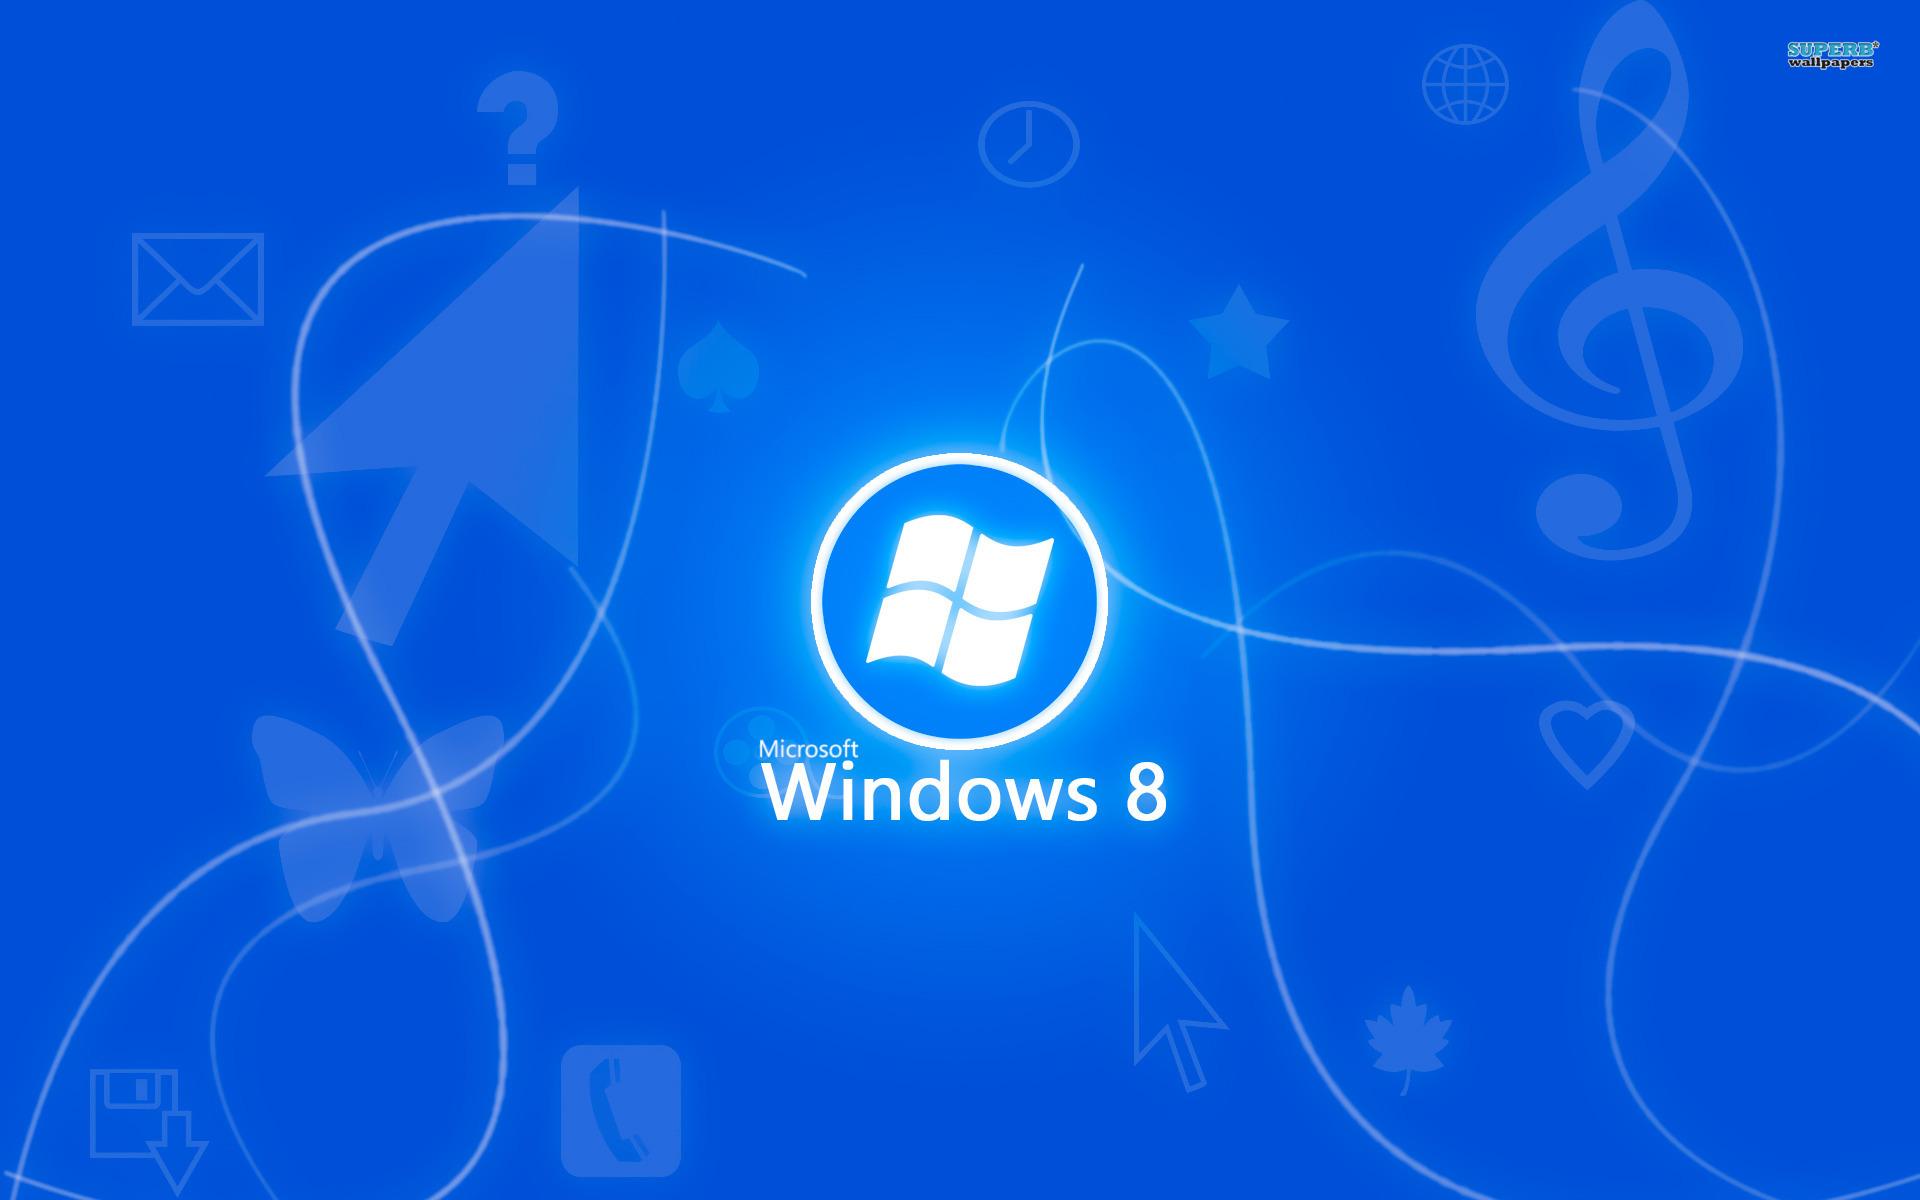 Description Windows 8 HD Wallpaper is a hi res Wallpaper for pc 1920x1200